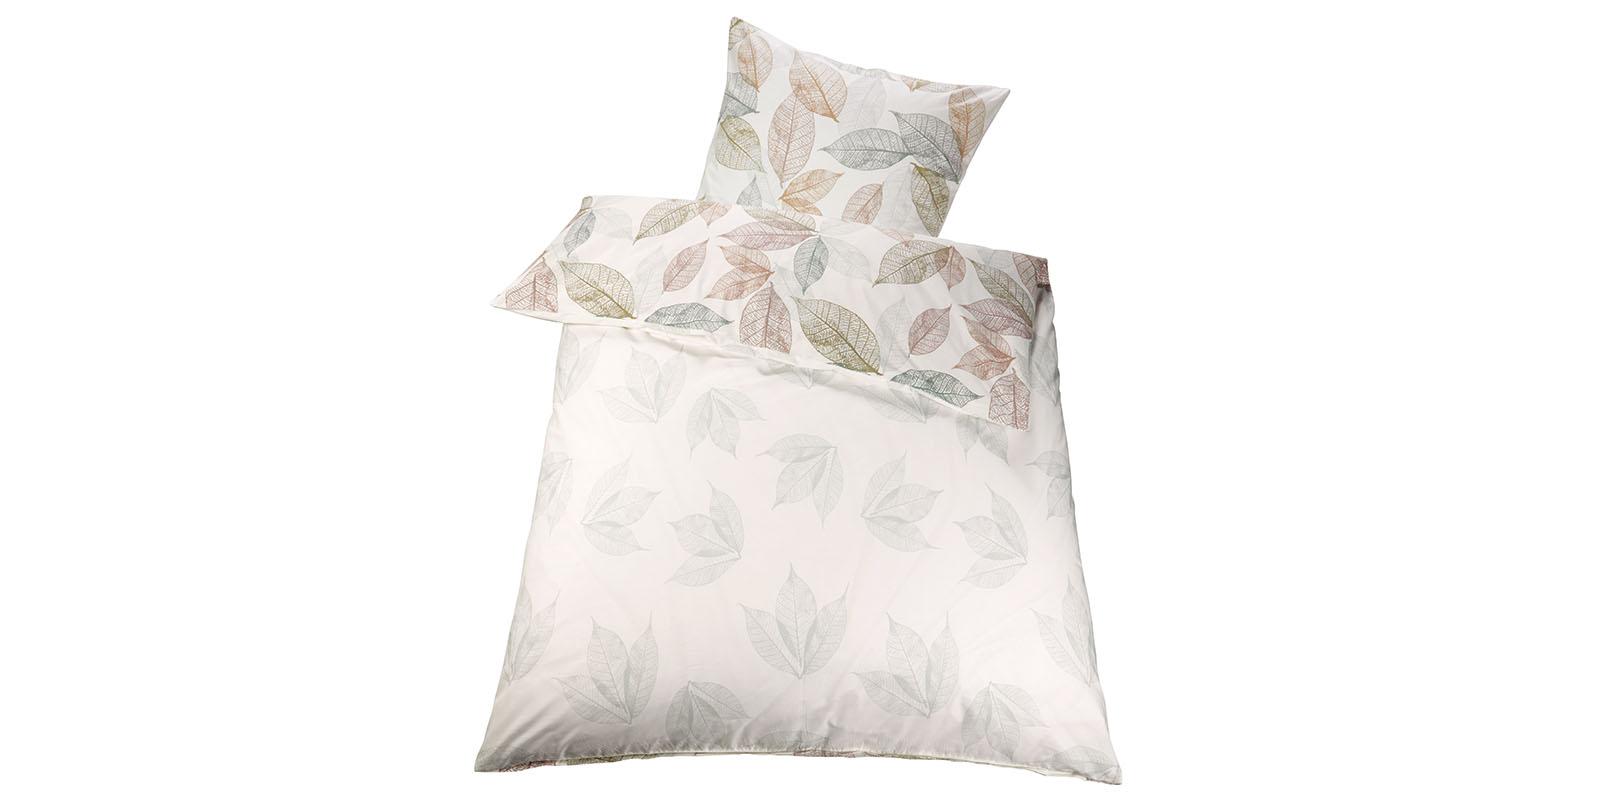 bettw sche wende renforc bio bw 135x200 bl tter muster ean984 ebay. Black Bedroom Furniture Sets. Home Design Ideas